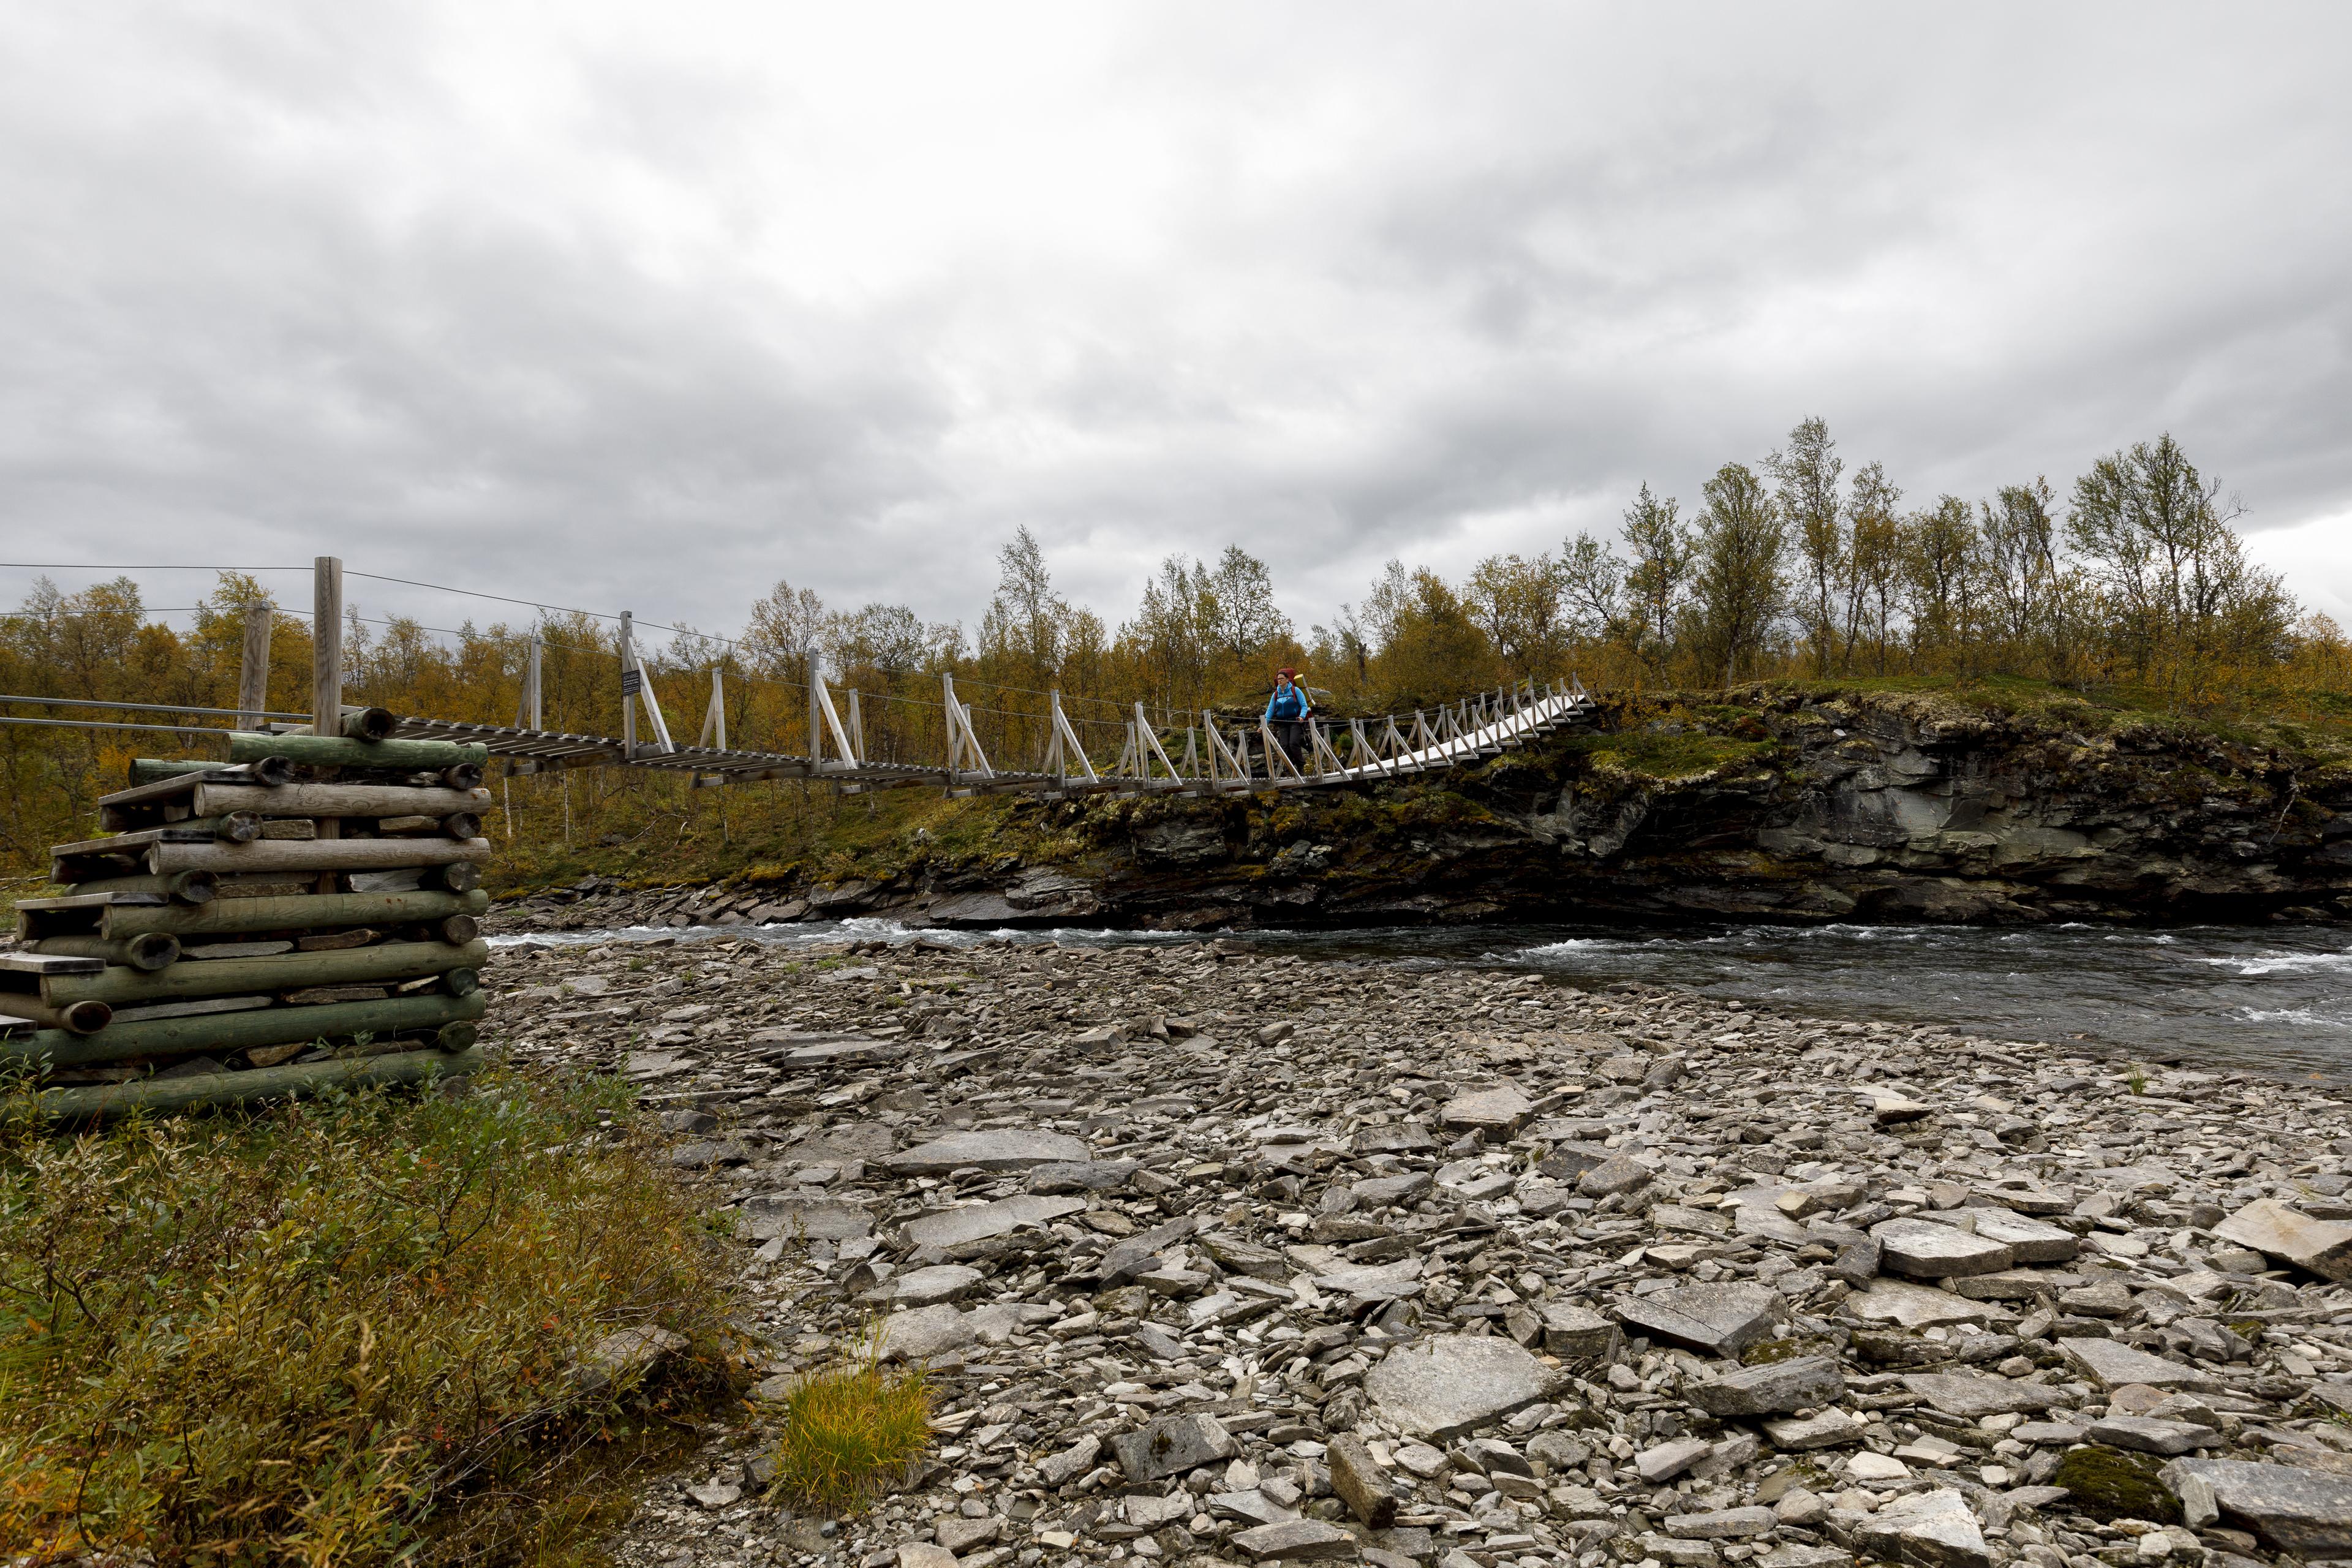 Brücke über den Ubmasjåhkå, der gerade wenig Wasser führt,©Markus Proske—Canon EOS 5D Mark IV, EF16-35mm f/4L IS USM, 17mm, 1/60s, Blende 8, ISO 320